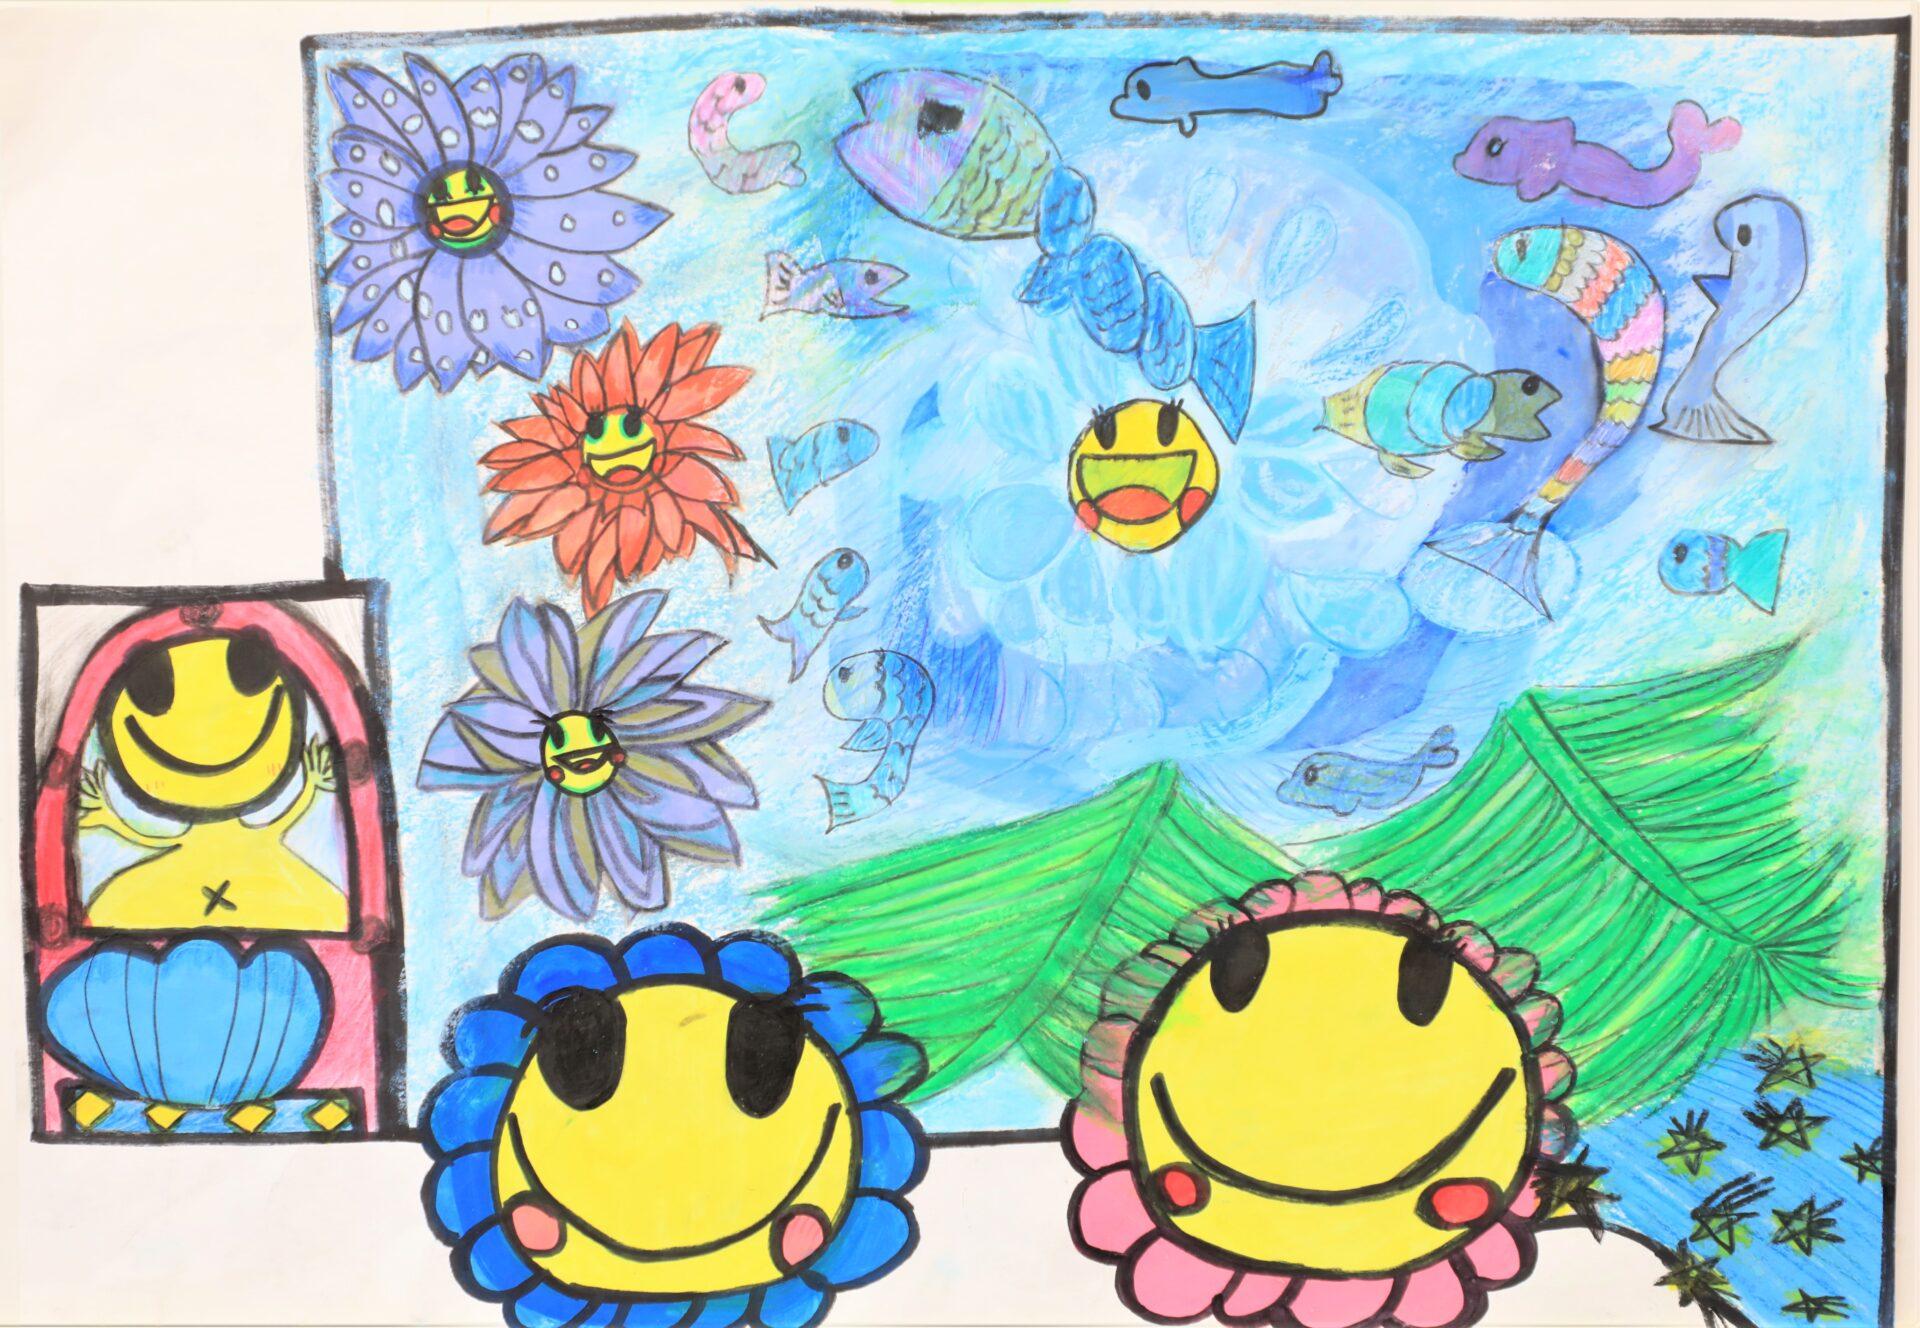 第1回小学生絵画コンクールの表彰式を行いました